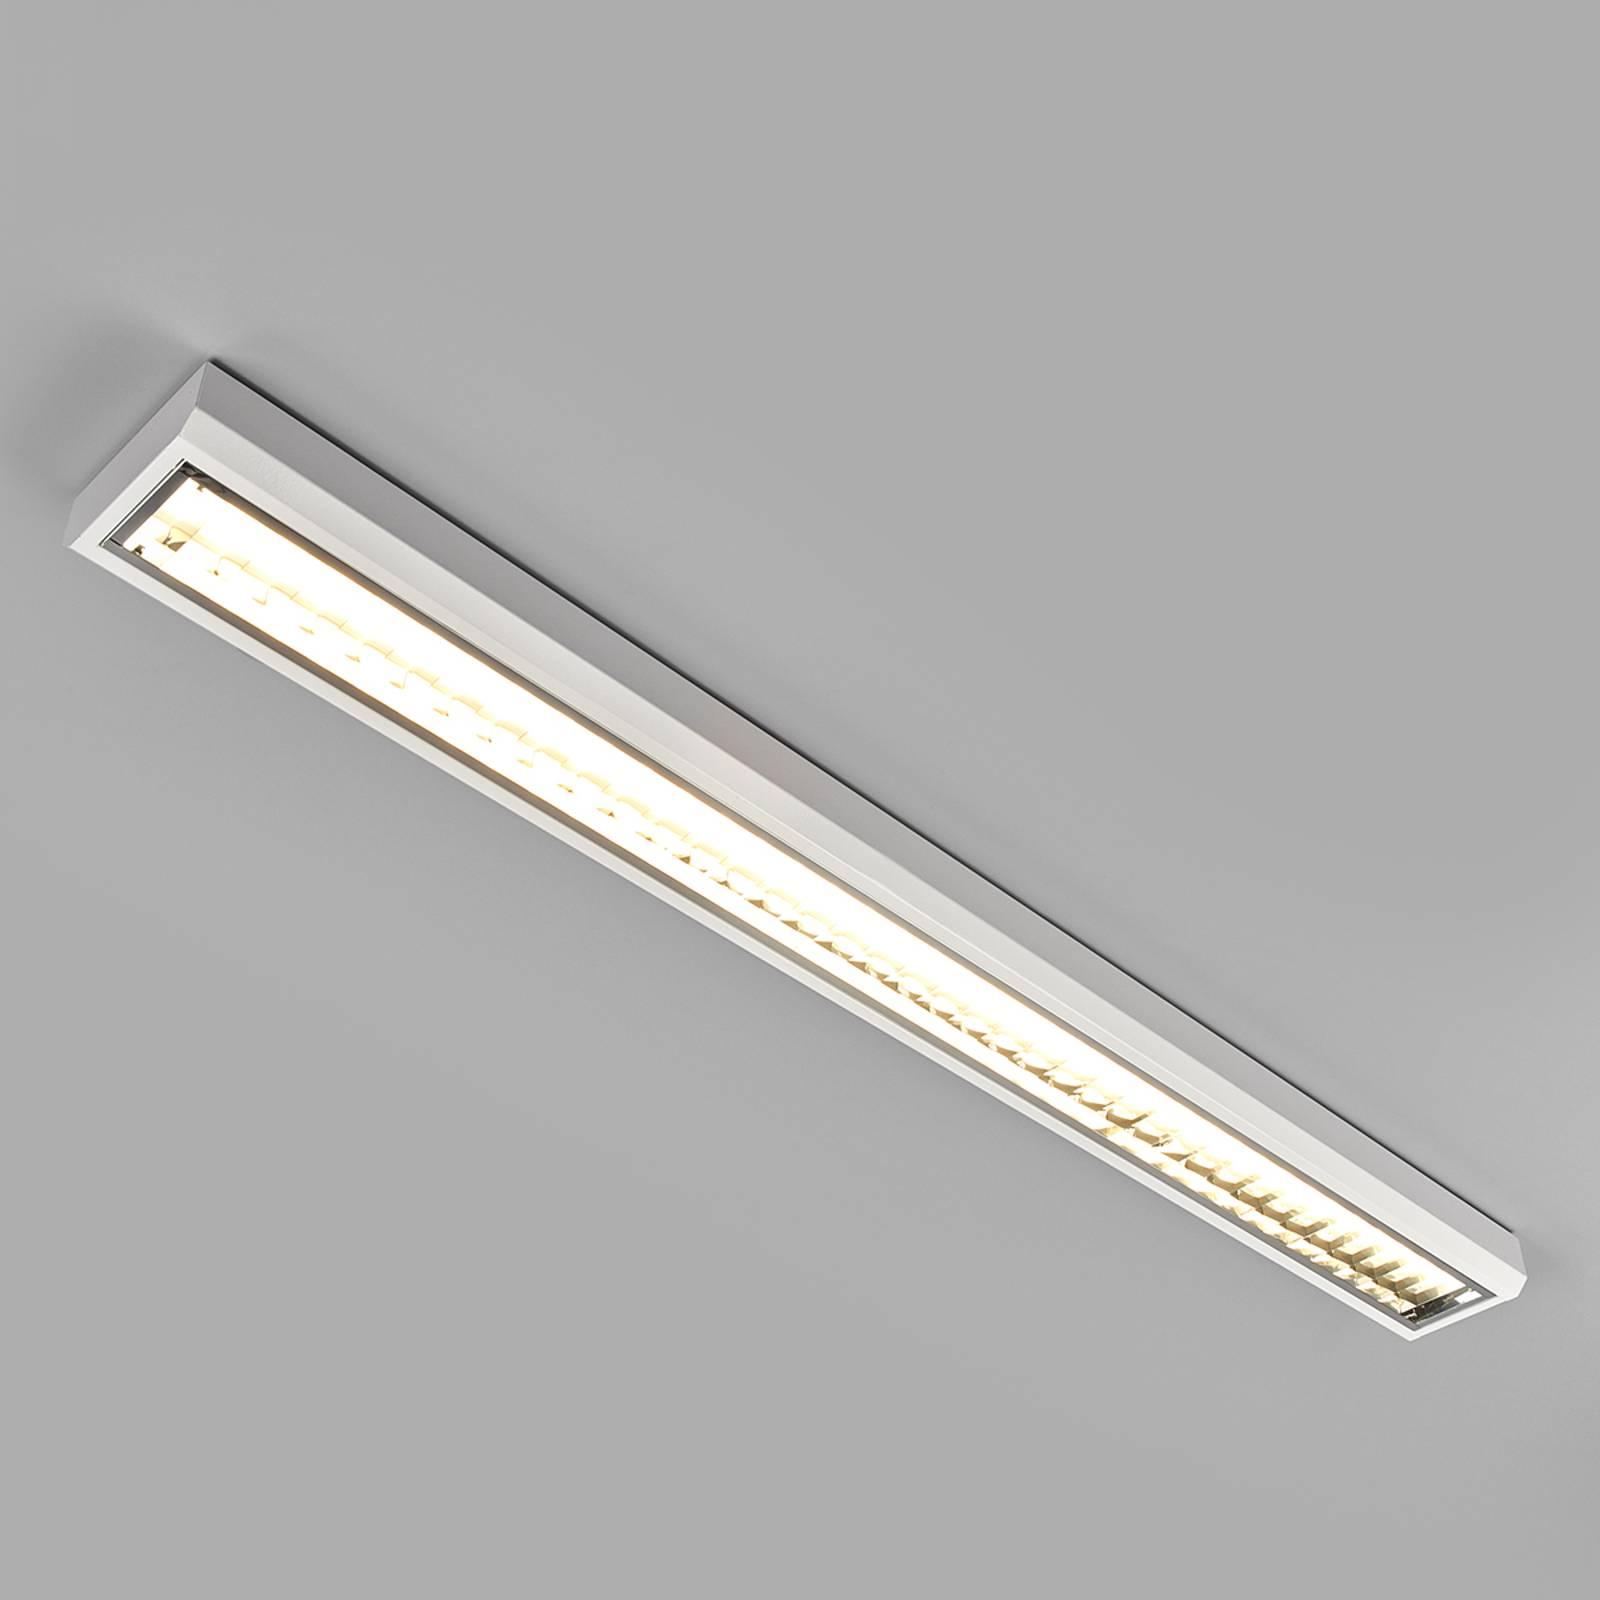 LED-rasterivalaisin toimistoihin, 33 W, 4 000 K